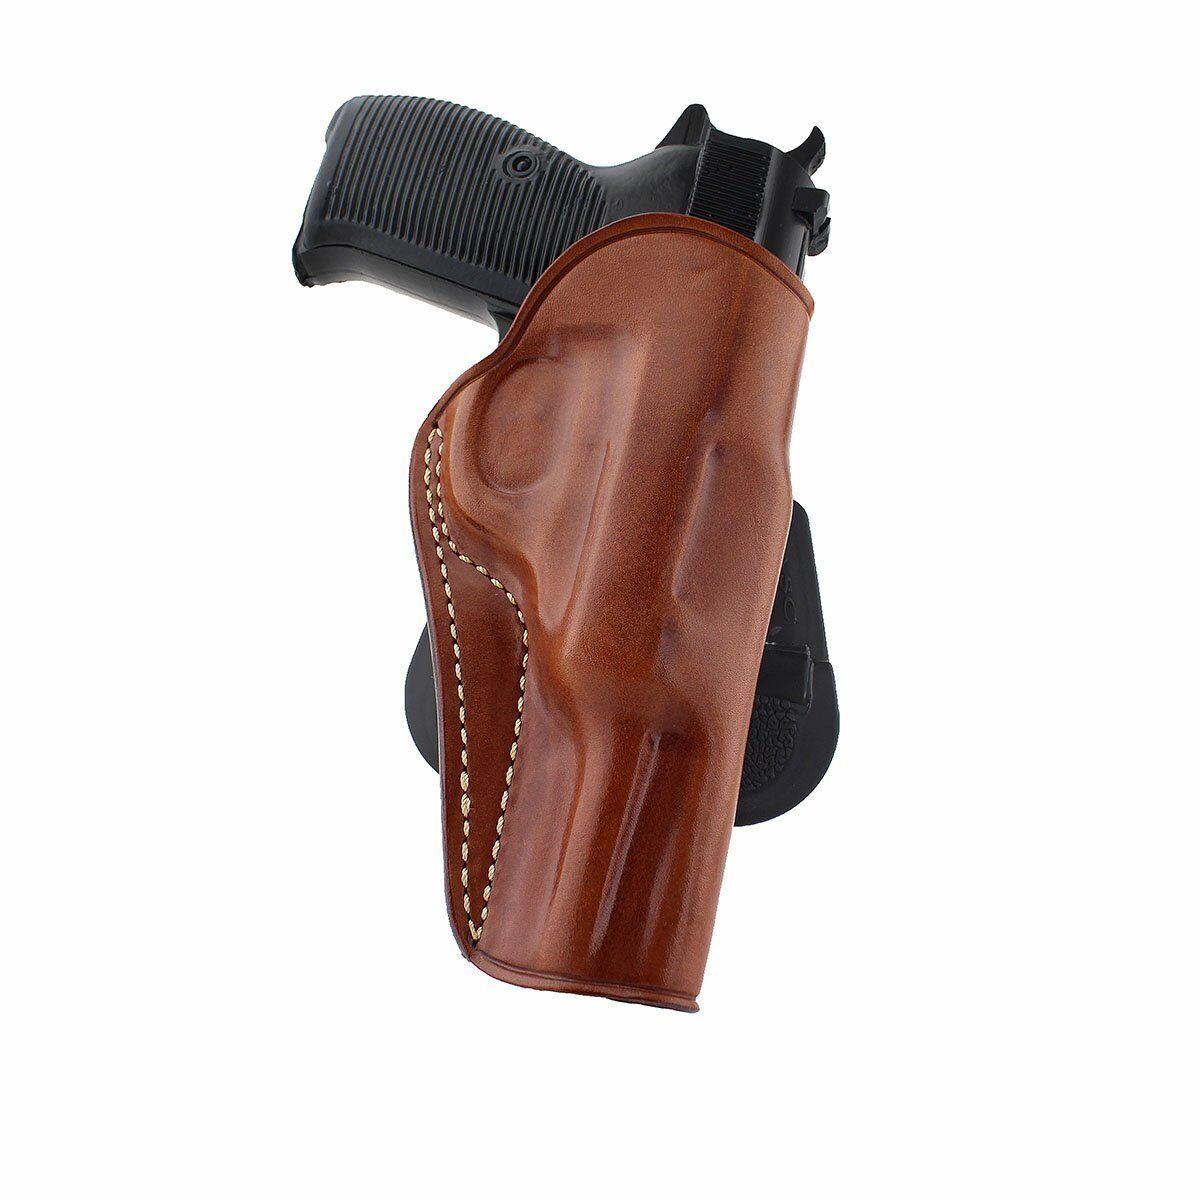 Funda de Cuero Remo se ajusta Walther P38 9mm 4.9 Bbl, mano derecha